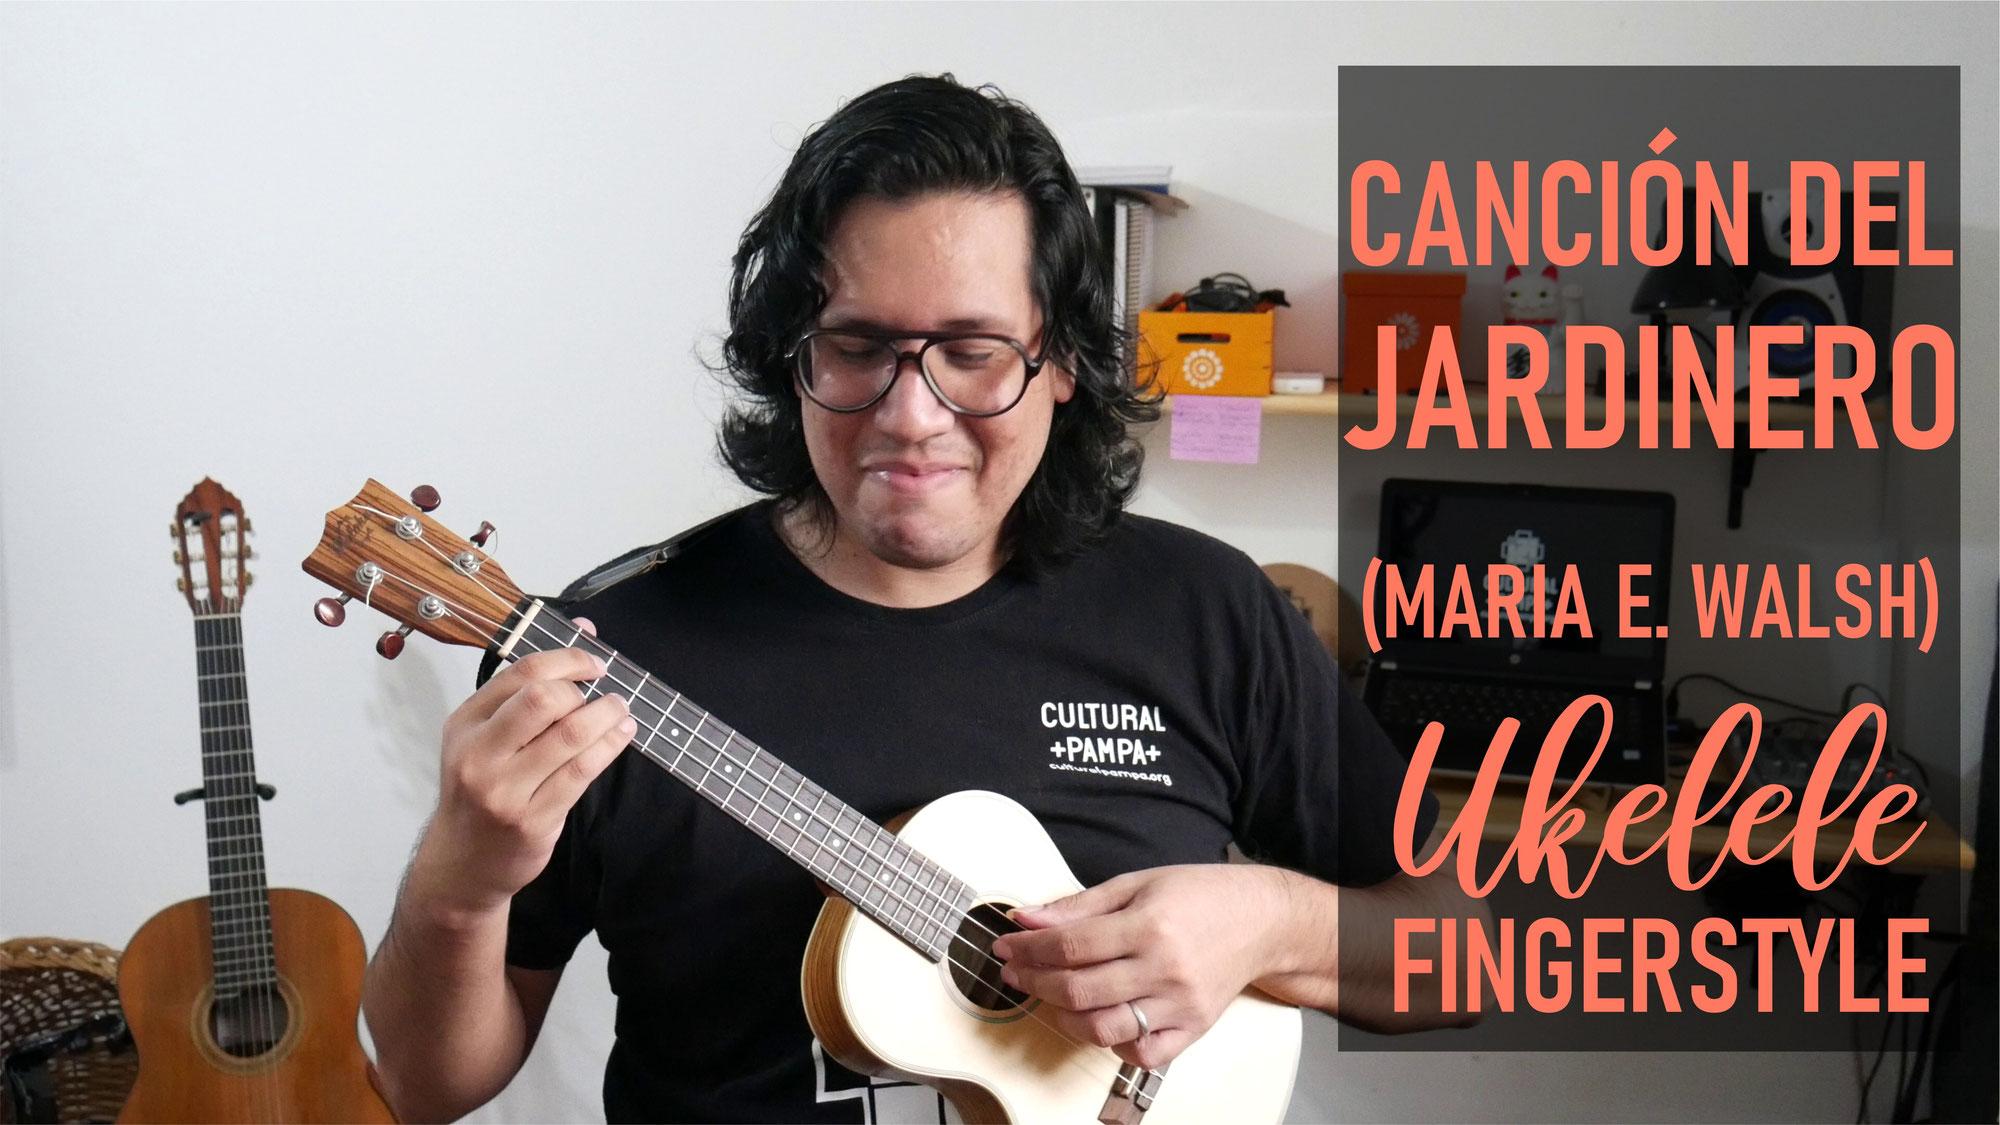 Cancion del Jardinero (María Elena Walsh) | Ukelele Cover Fingerstyle